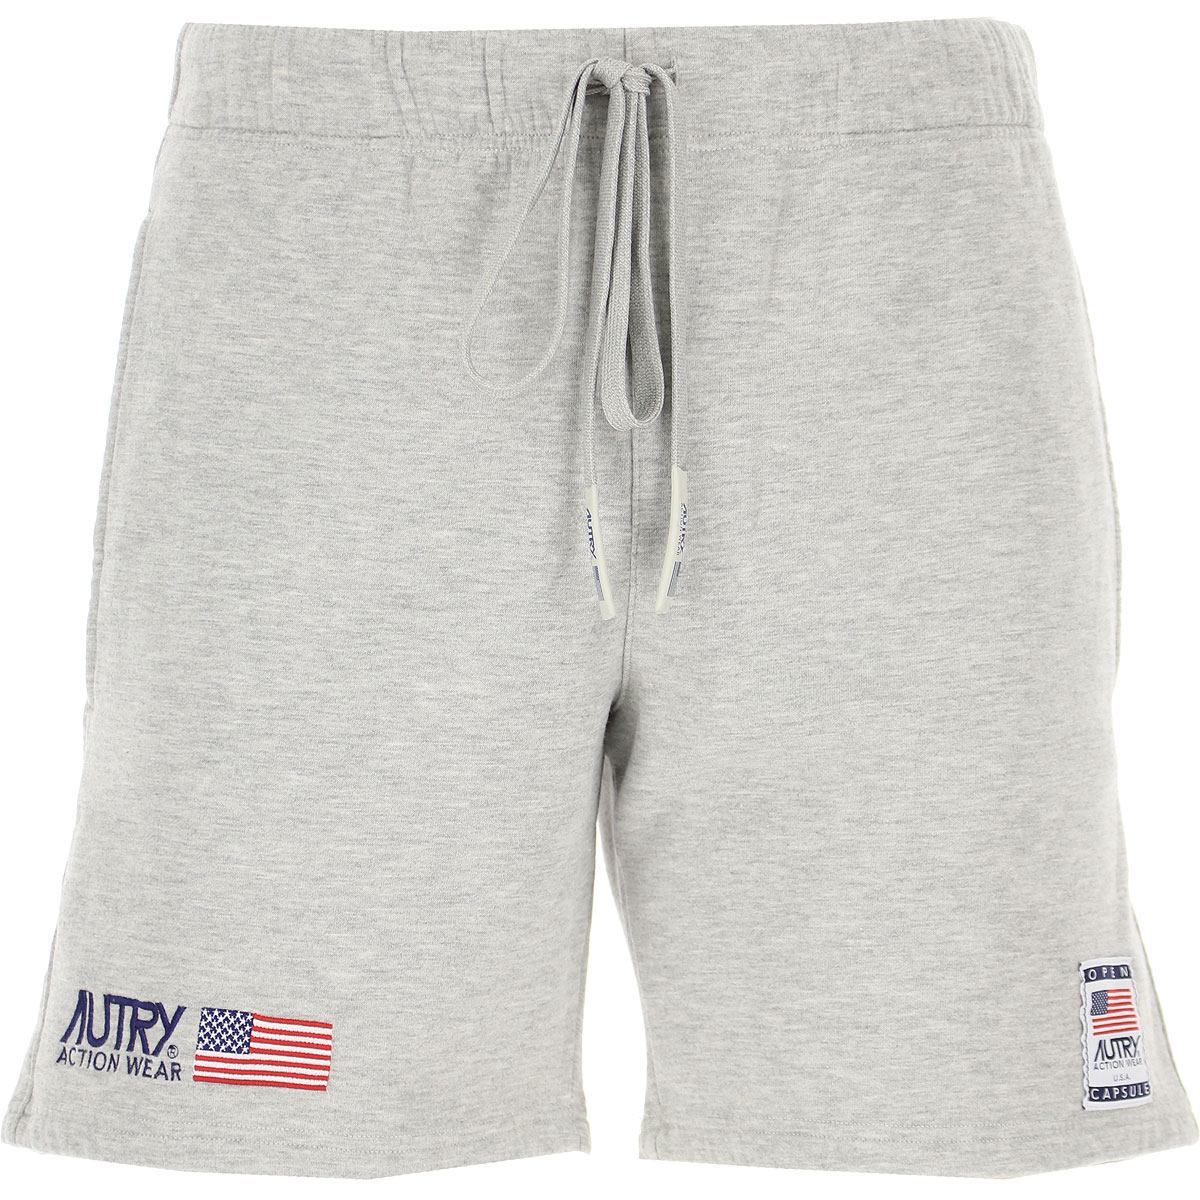 Autry Shorts for Men, Grey, Cotton, 2019